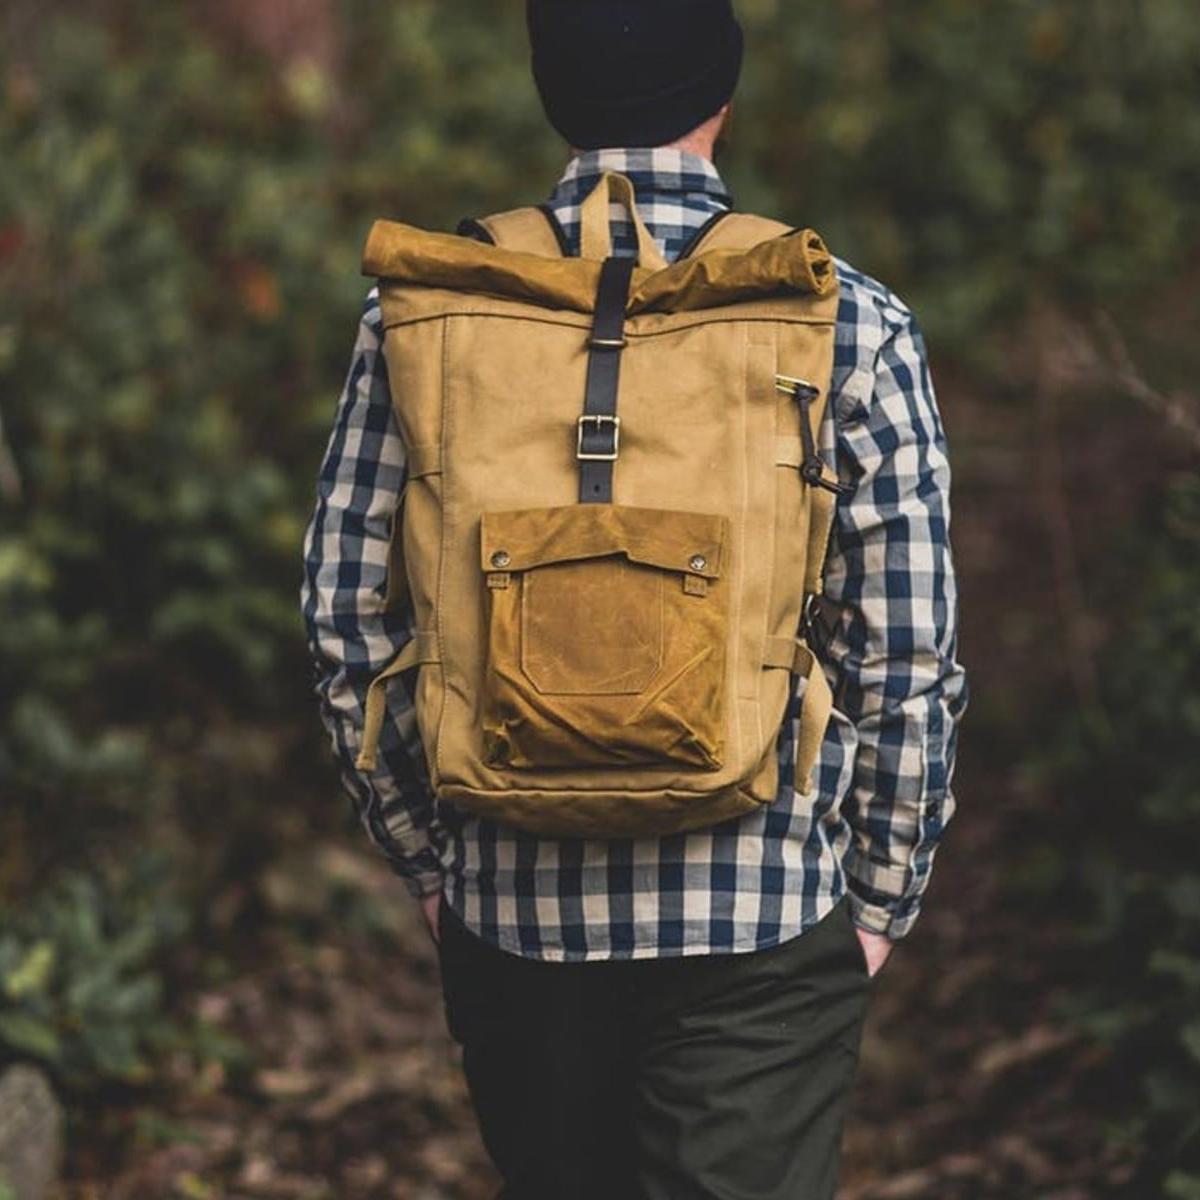 Filson Roll-Top Backpack Tan, buitengewoon mooi gemaakte rugzak, zo zie je ze maar weinig